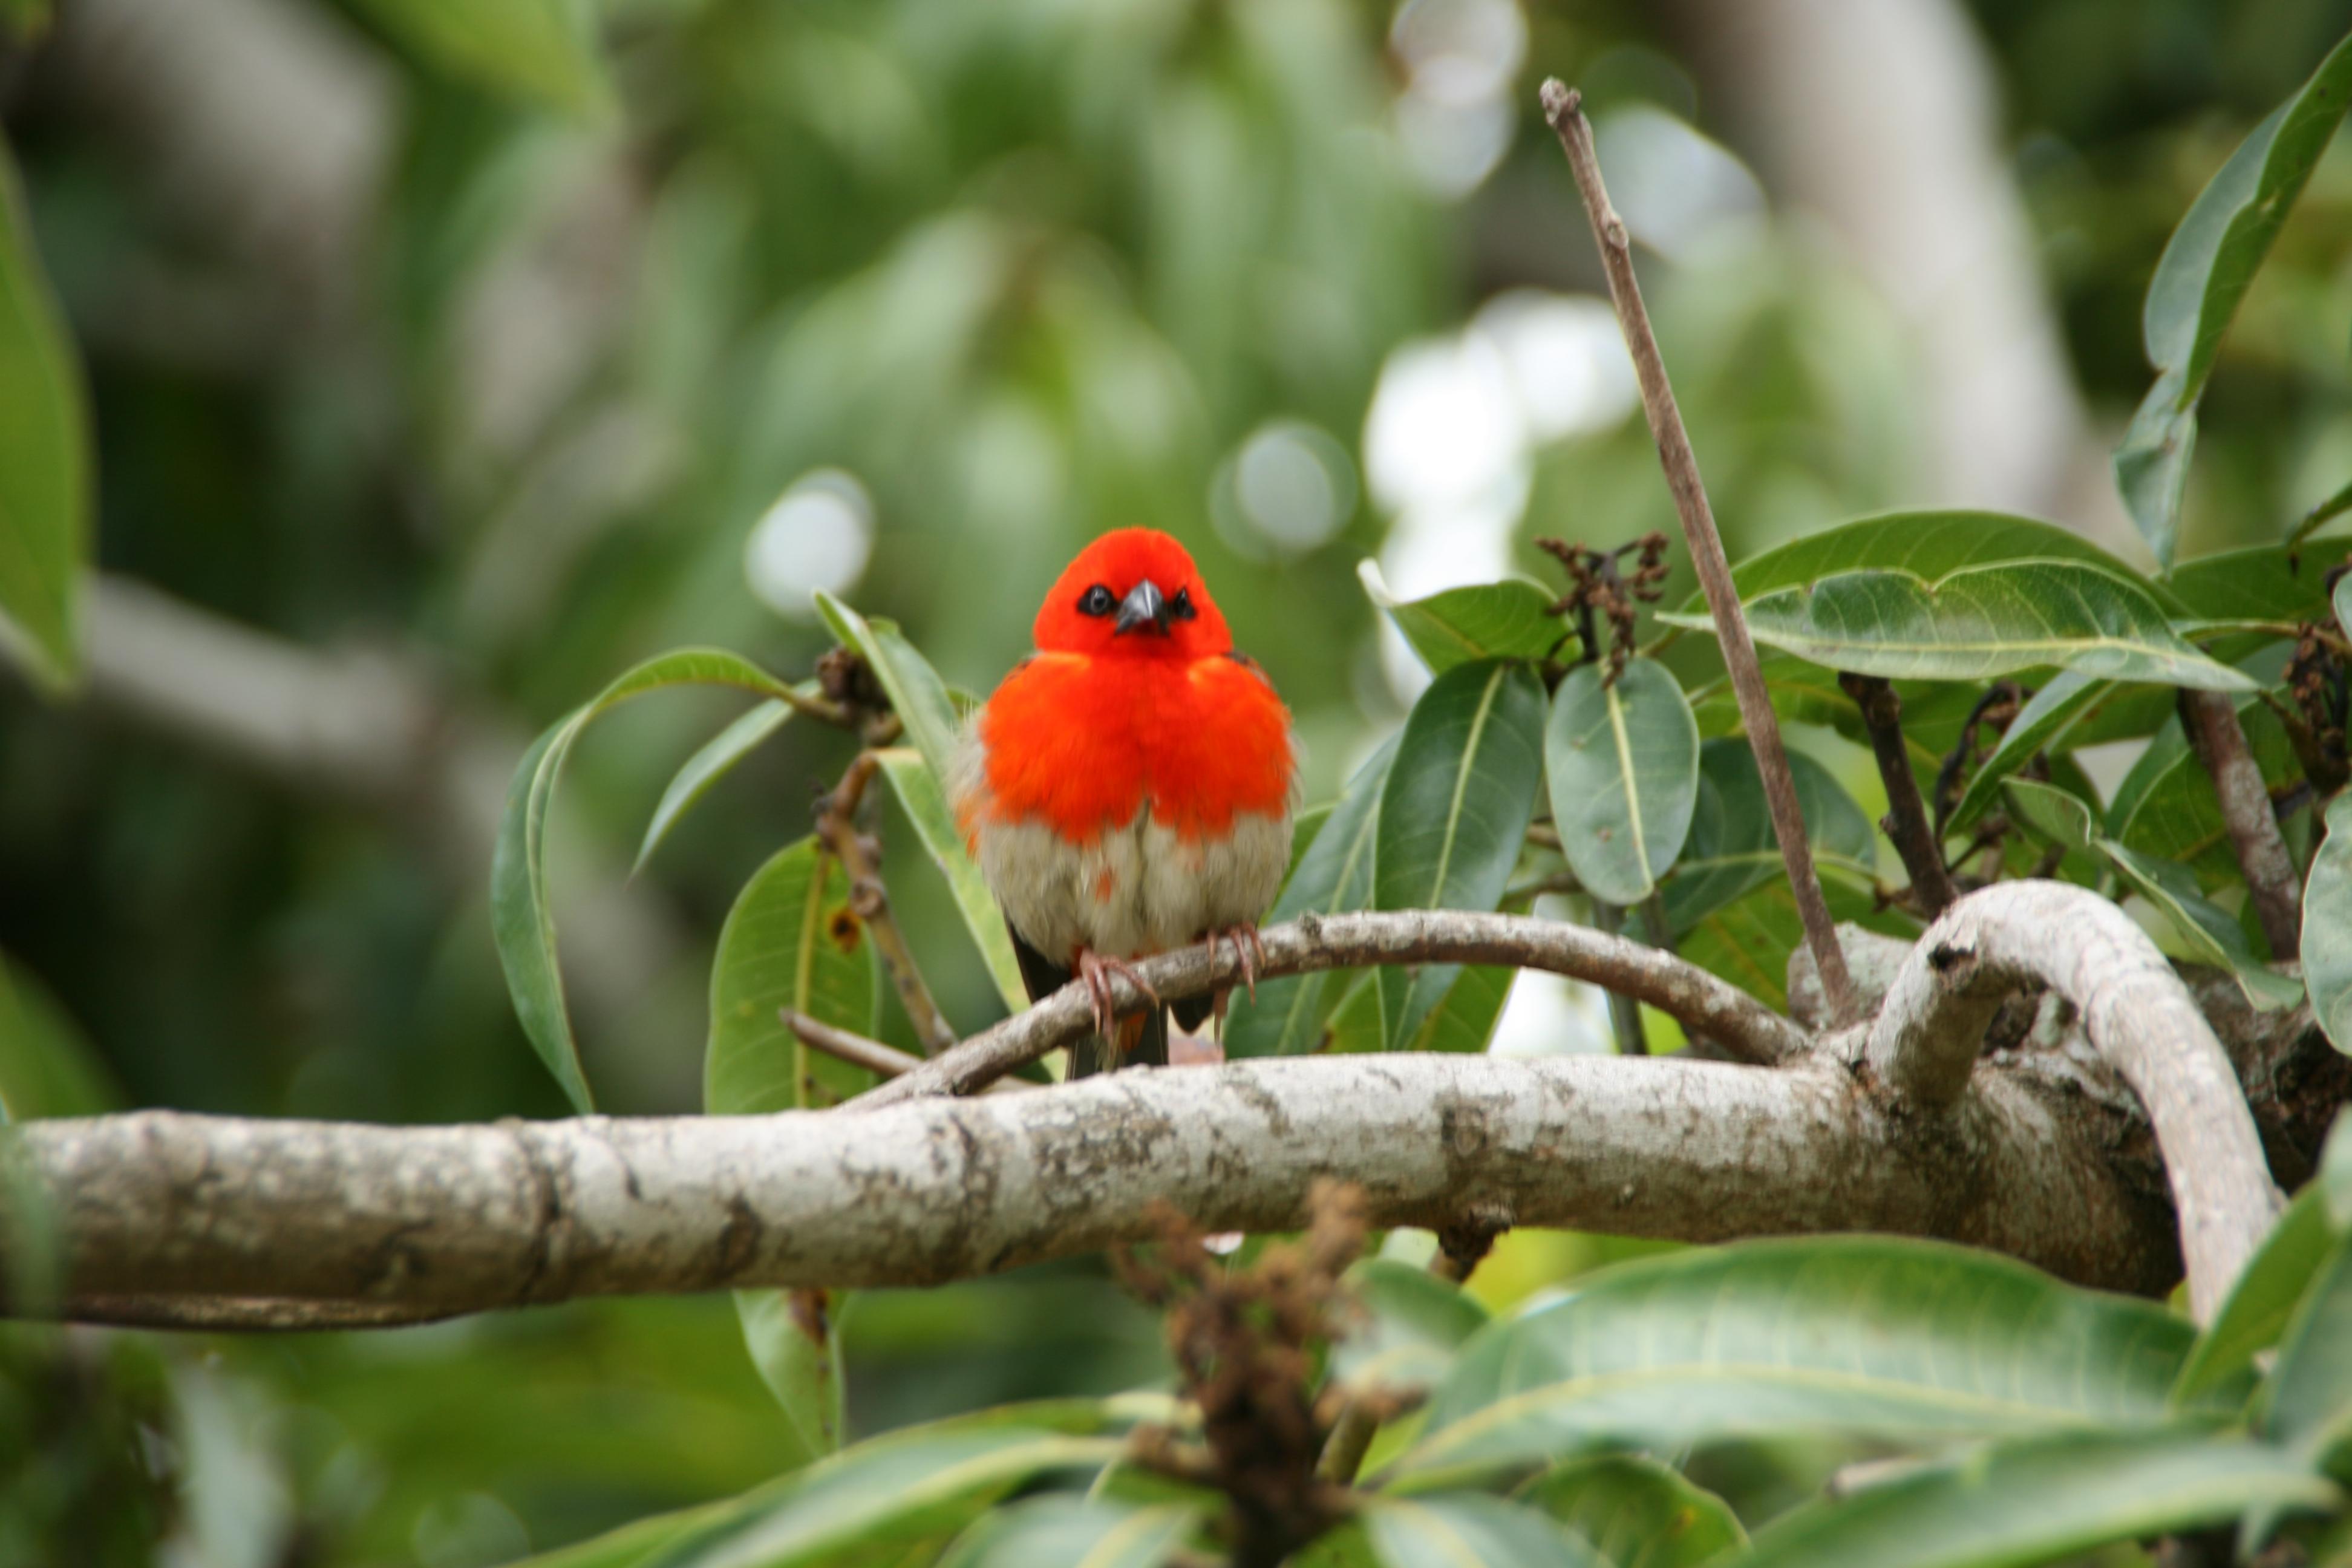 Die männlichen Voegel färben ihre Federn rot